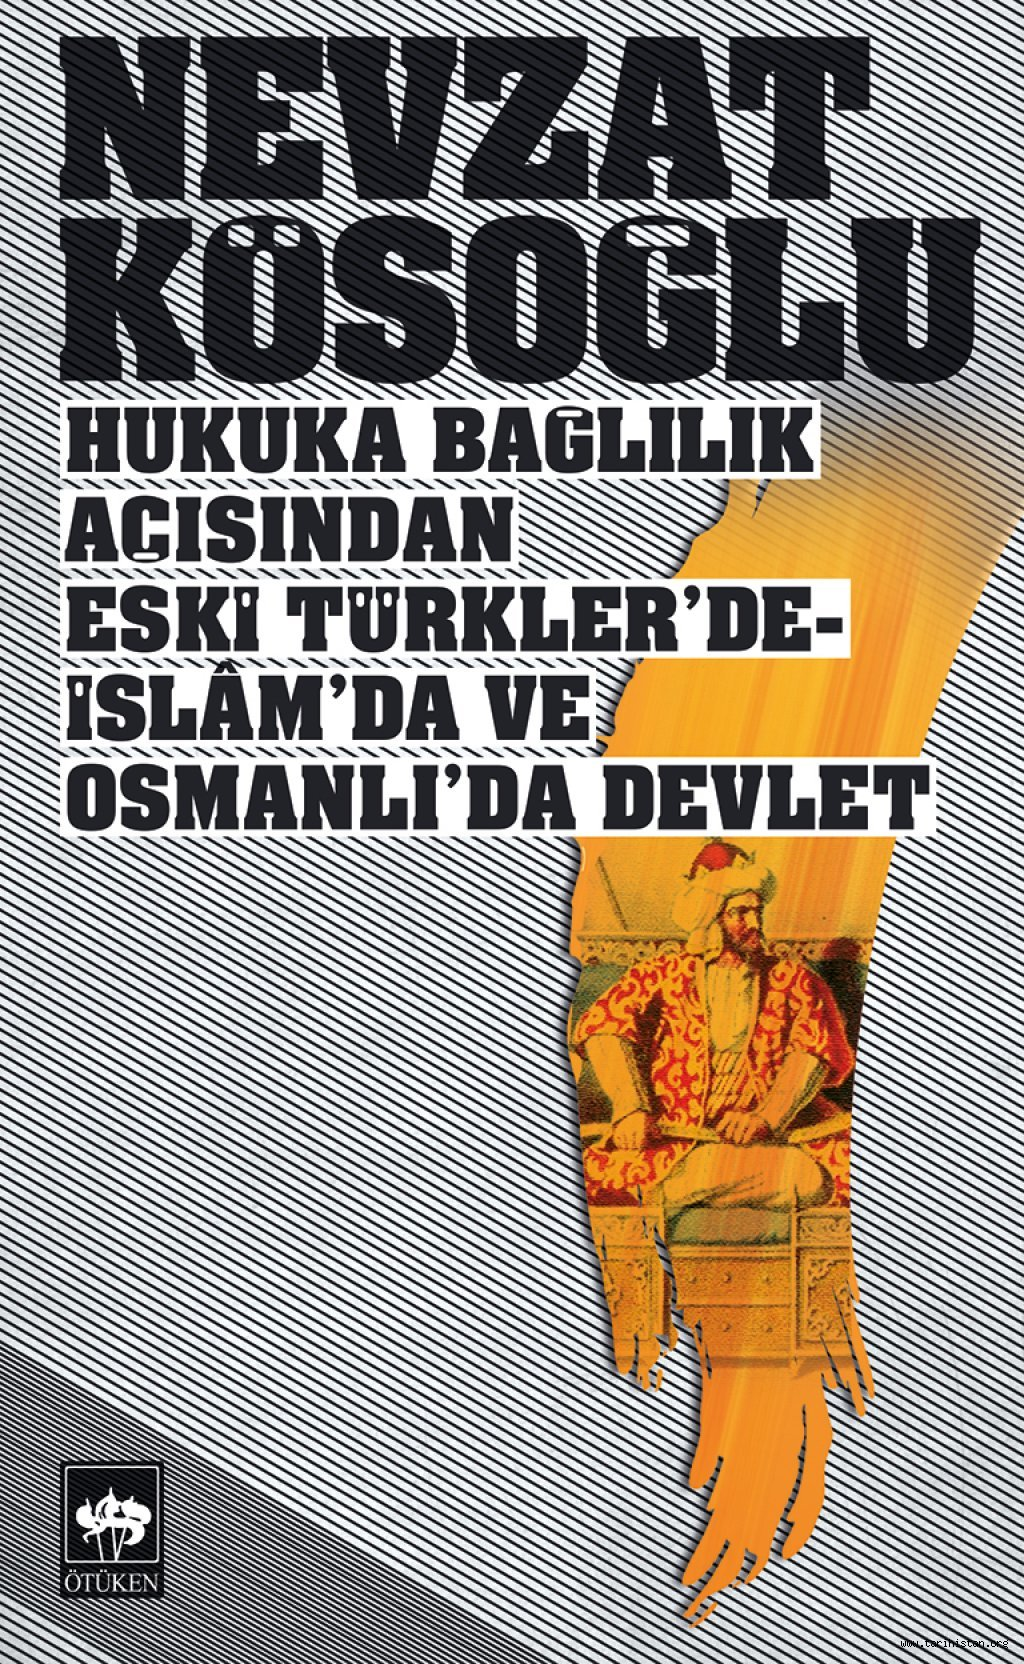 Hukuka Bağlılık Açısından Eski Türkler'de İslam'da ve Osmanlı'da Devlet: Nevzat KÖSOĞLU